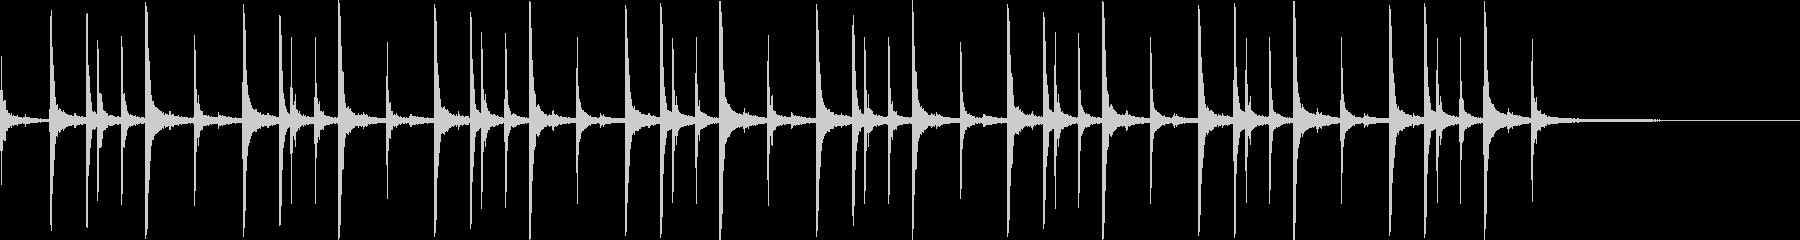 ドラム:ロックリズムの未再生の波形